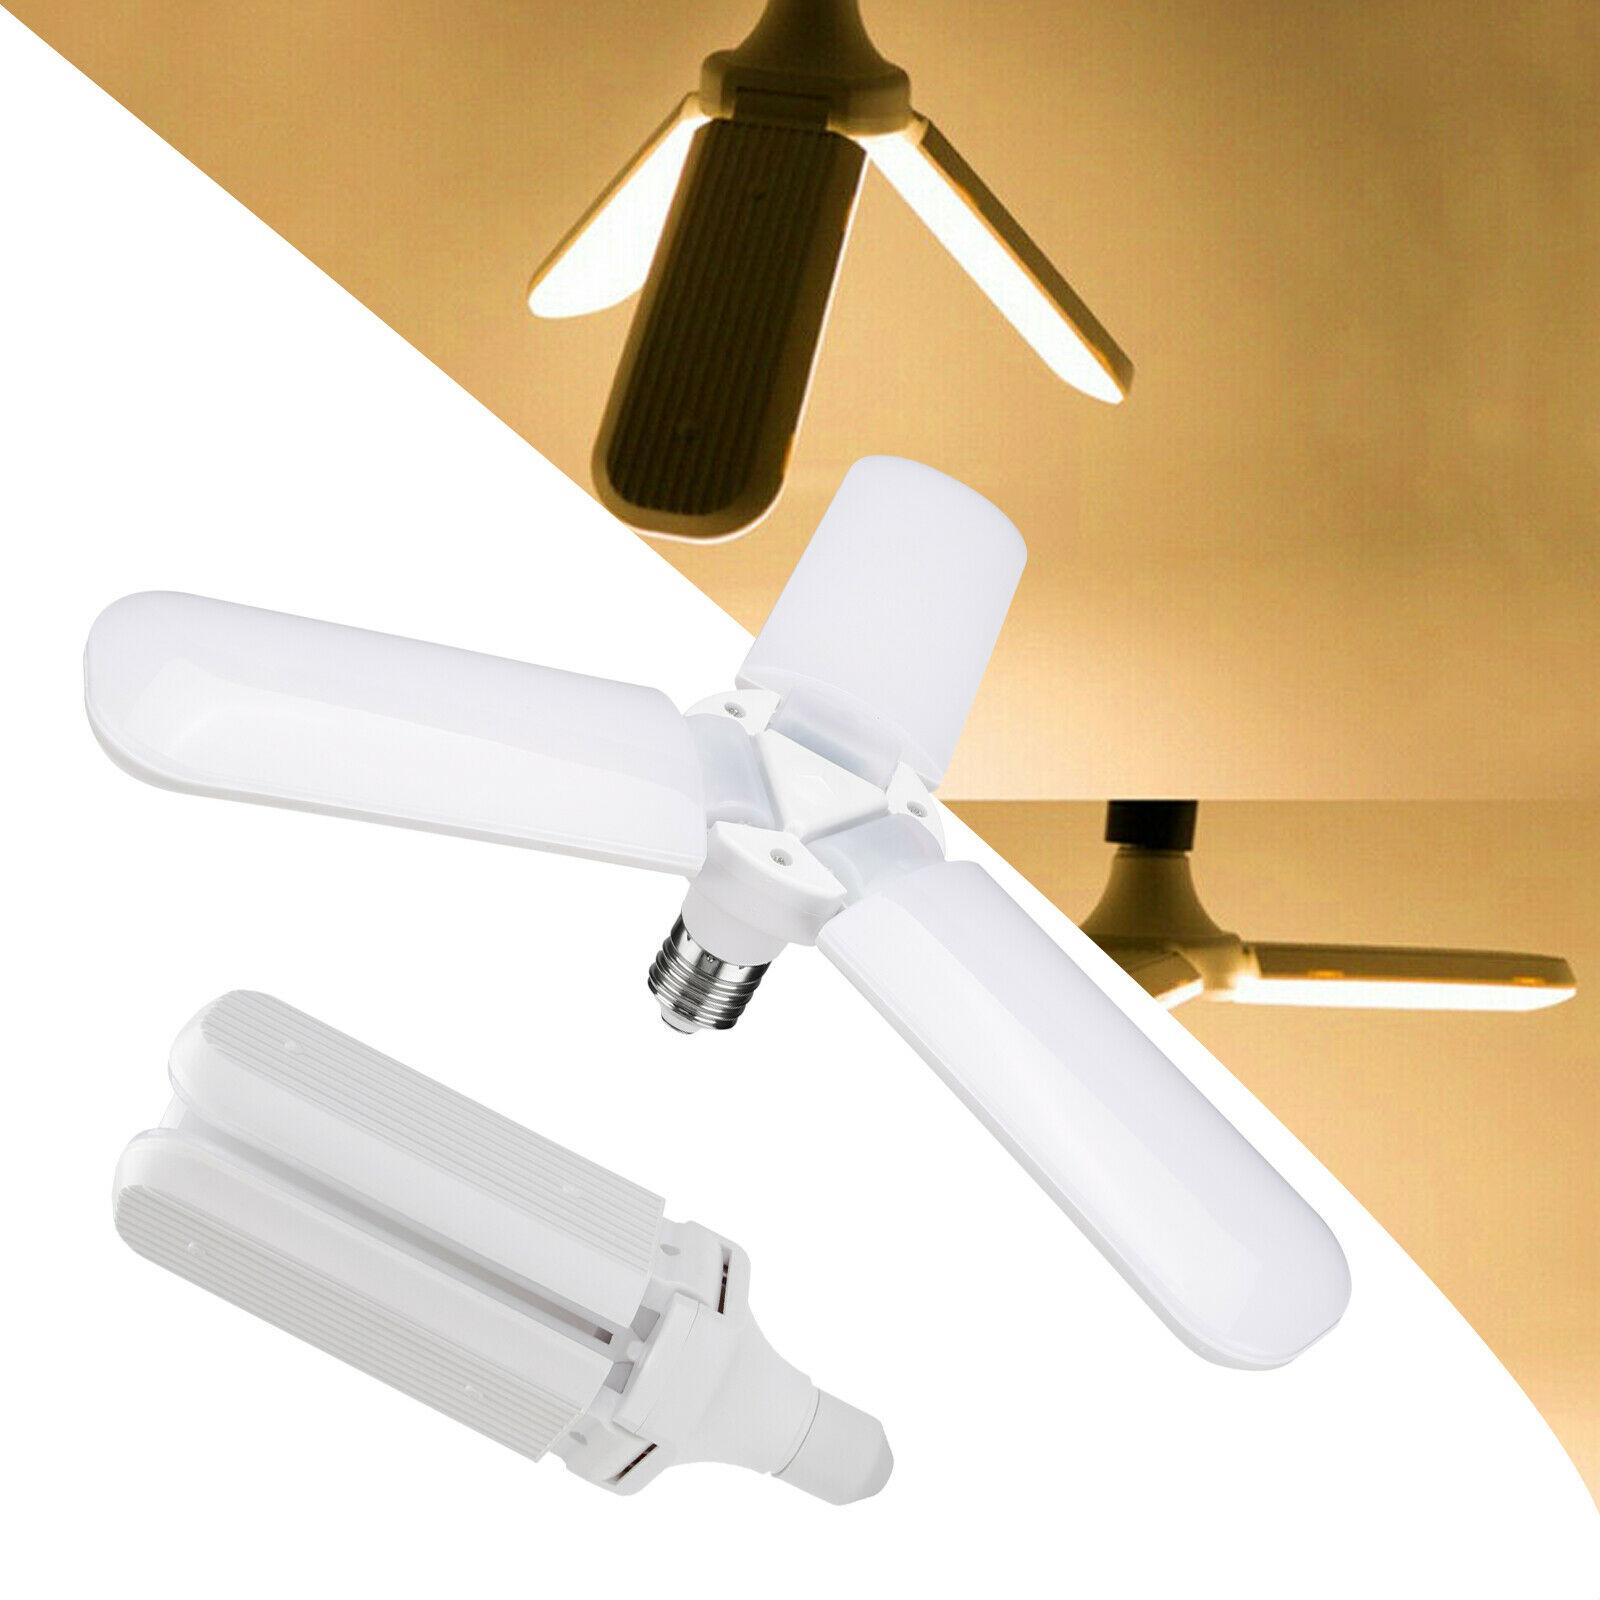 45 W E27 da Pá do Ventilador Do DIODO EMISSOR de Luz Lâmpada LED Dobrável Lâmpada Garagem AC85-265V Ajustável Iluminação de teto branco Quente/Frio branco